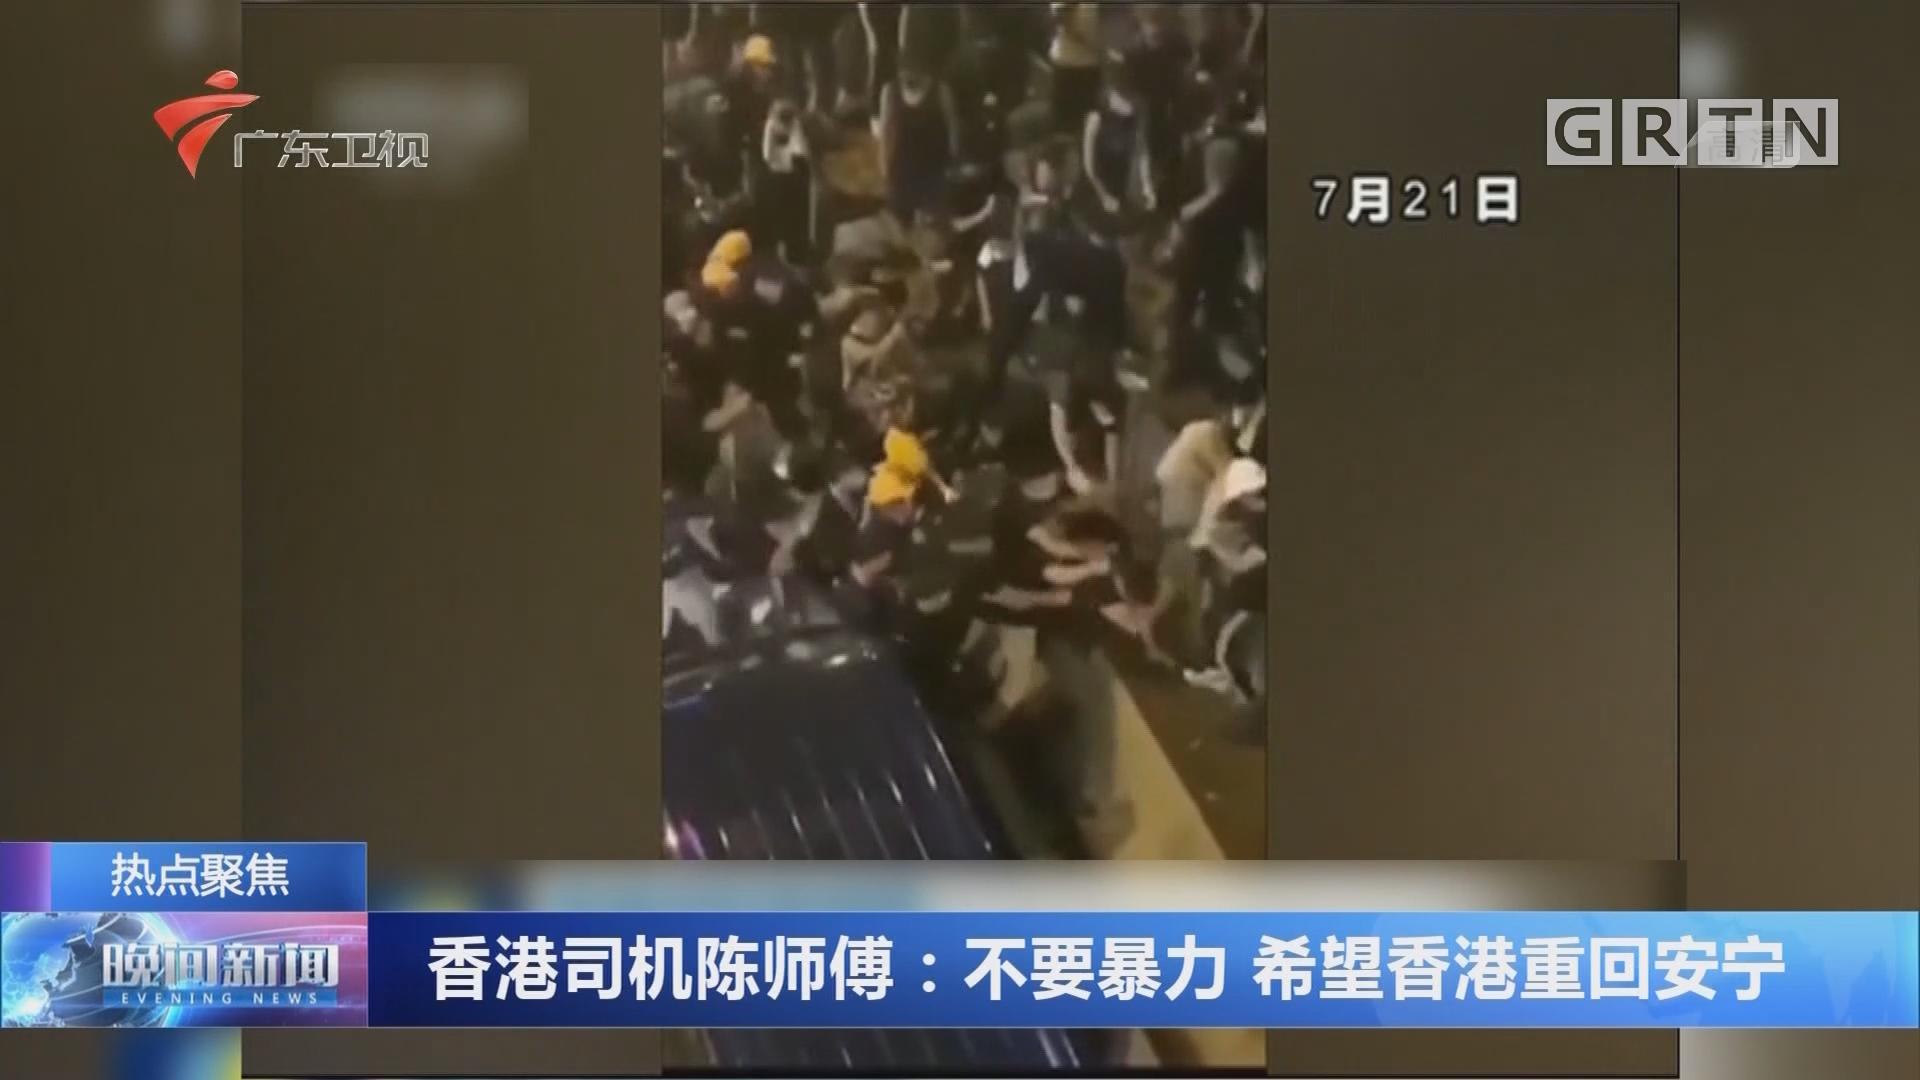 香港司机陈师傅:不要暴力 希望香港重回安宁